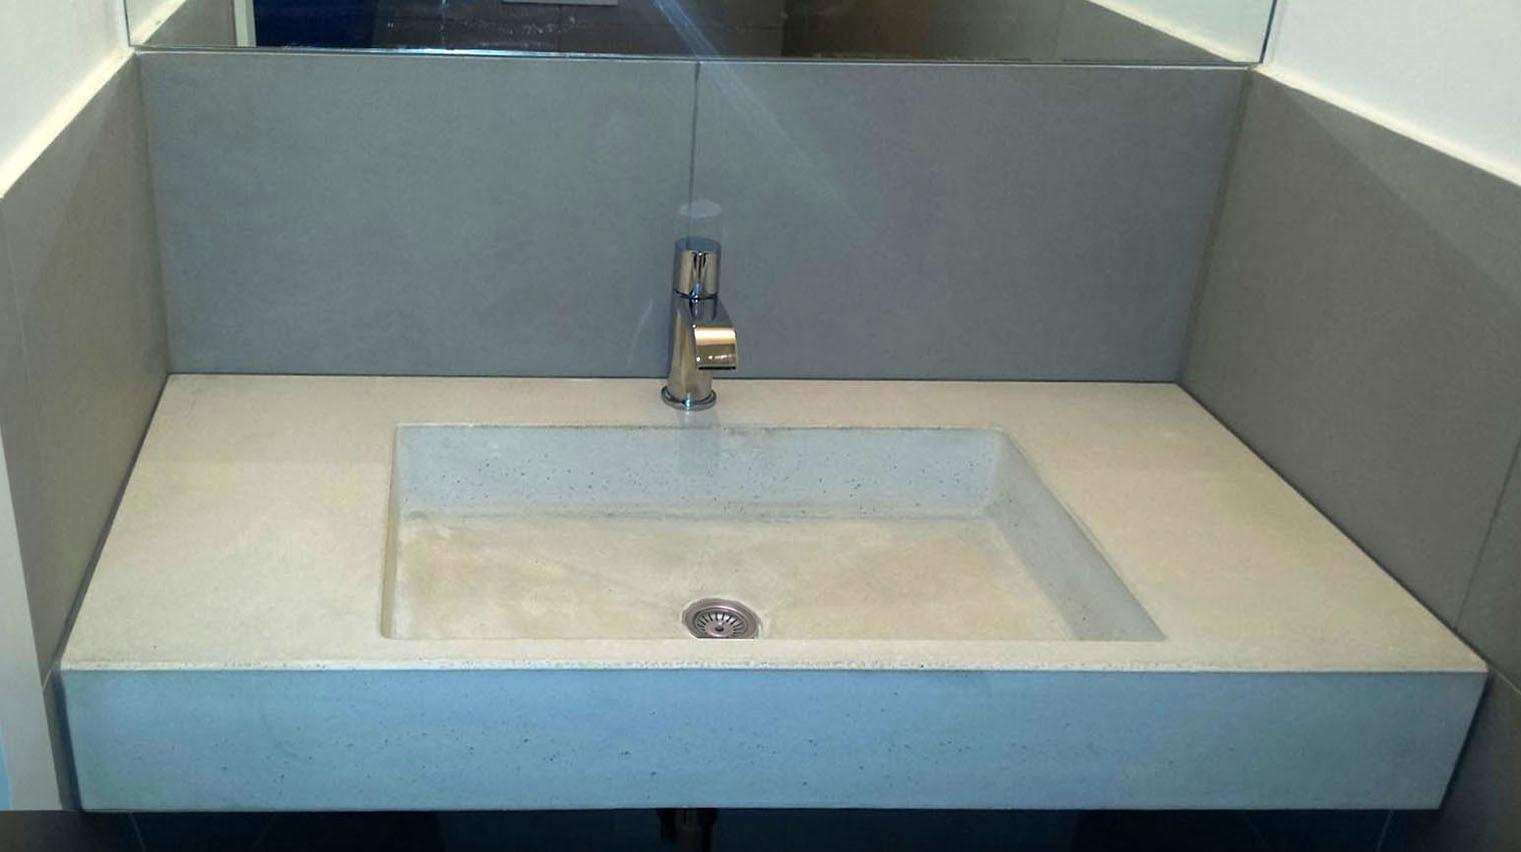 waschbecken-beton_nach_maß.jpg